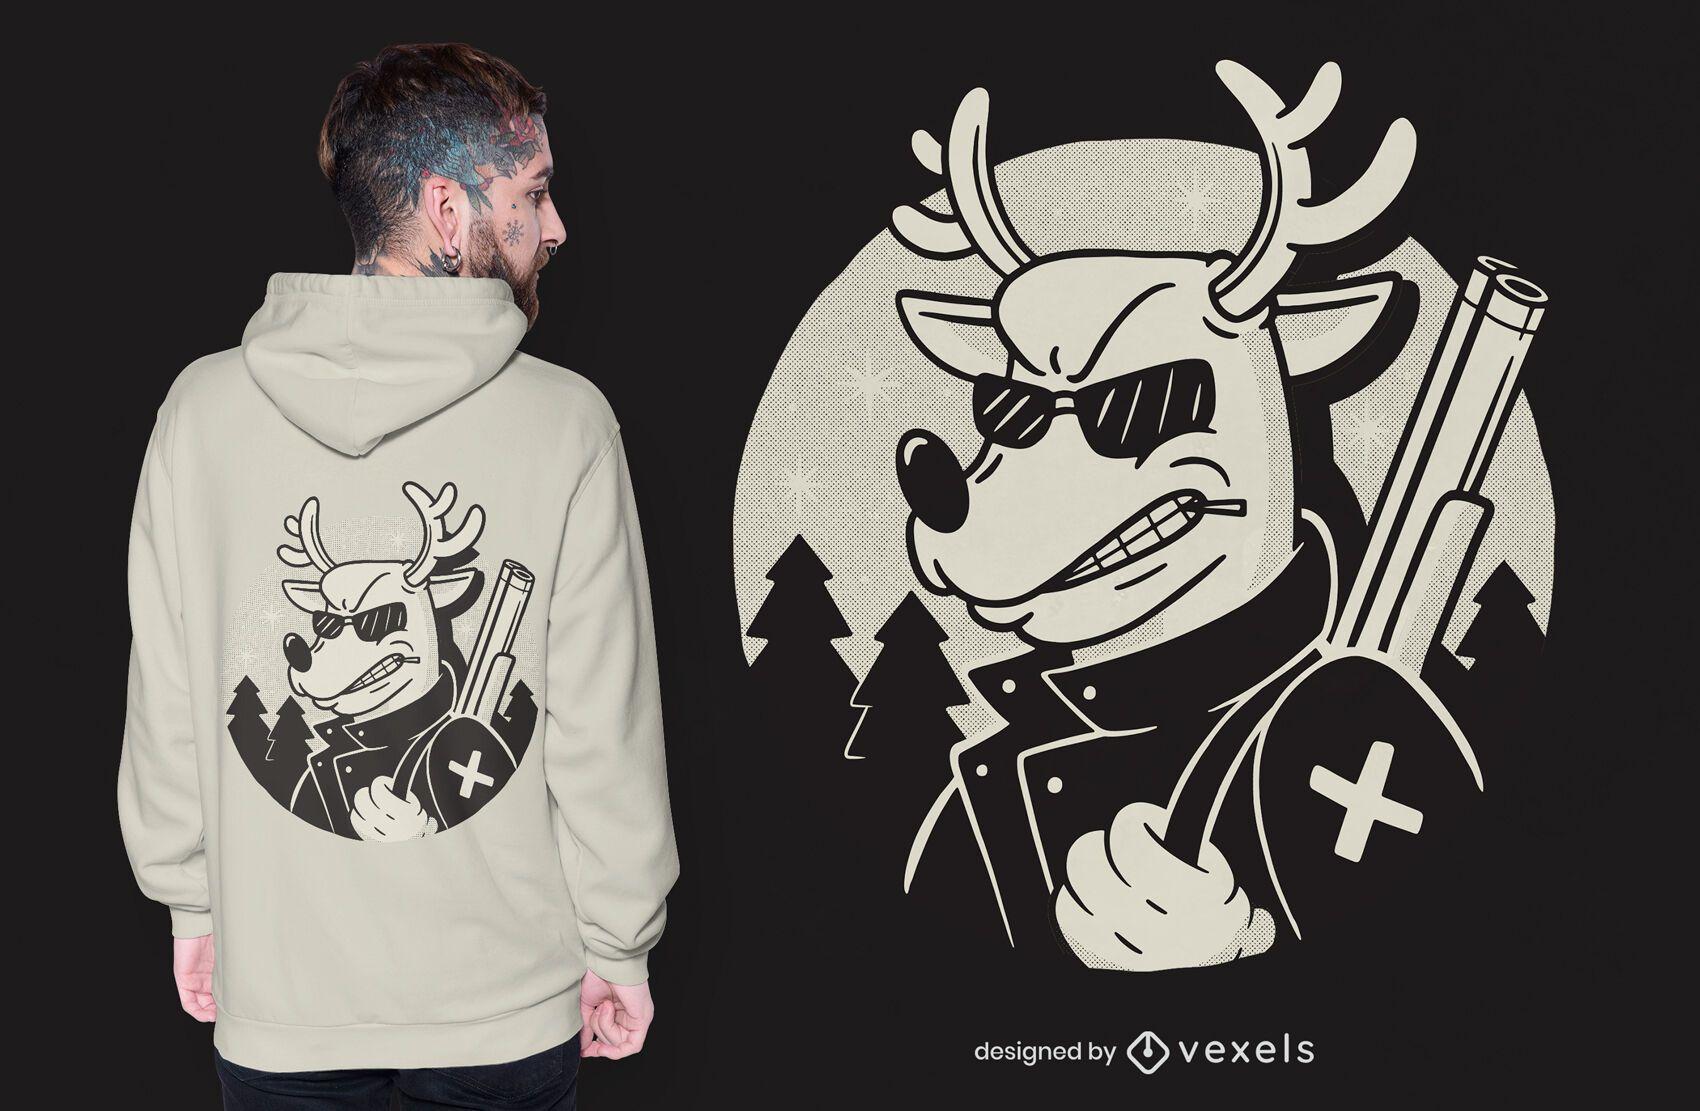 Rudolph revenge t-shirt design